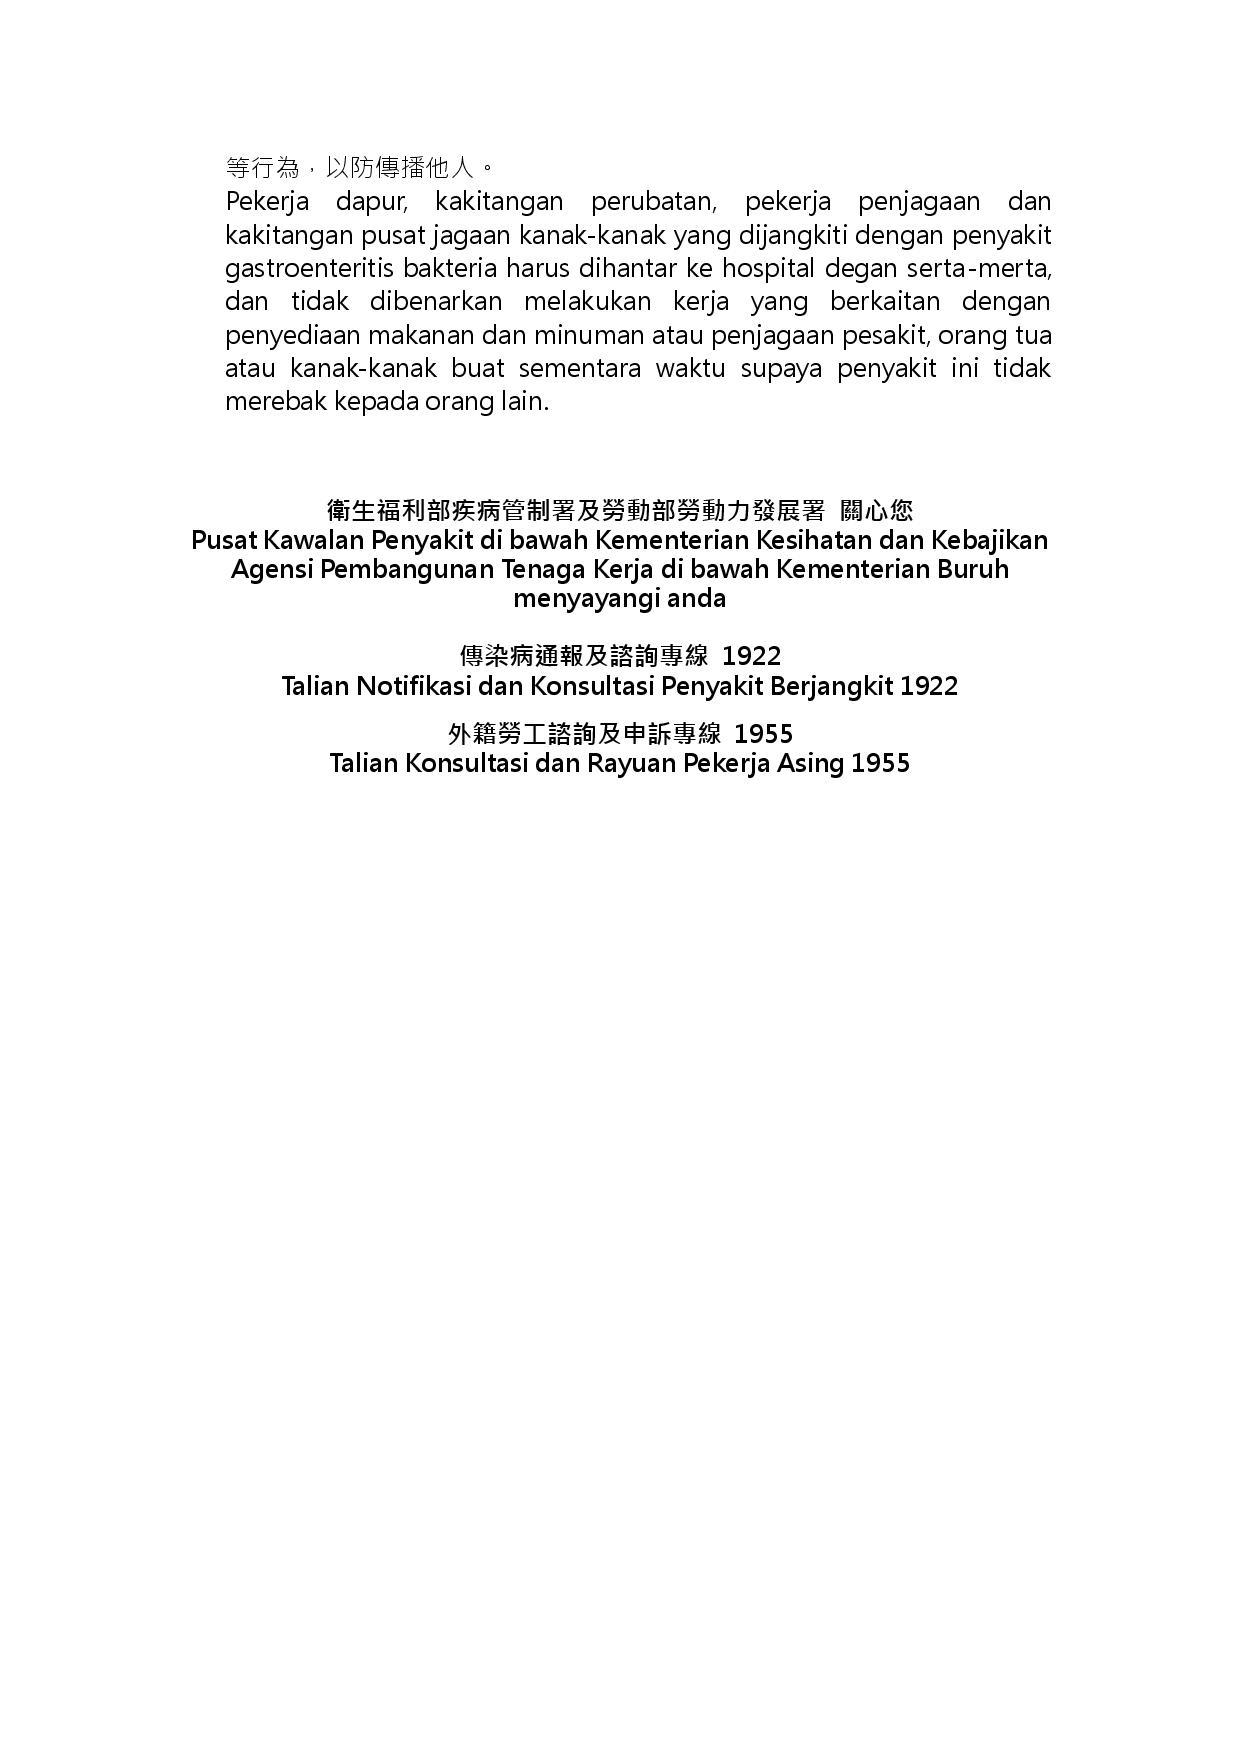 詳如附件【klik saya】Untuk mencegah penyakit gastroenteritis bakteria(Halaman 3)預防細菌性腸胃炎,勿生飲生食,落實勤洗手的良好衛生習慣(馬來文)